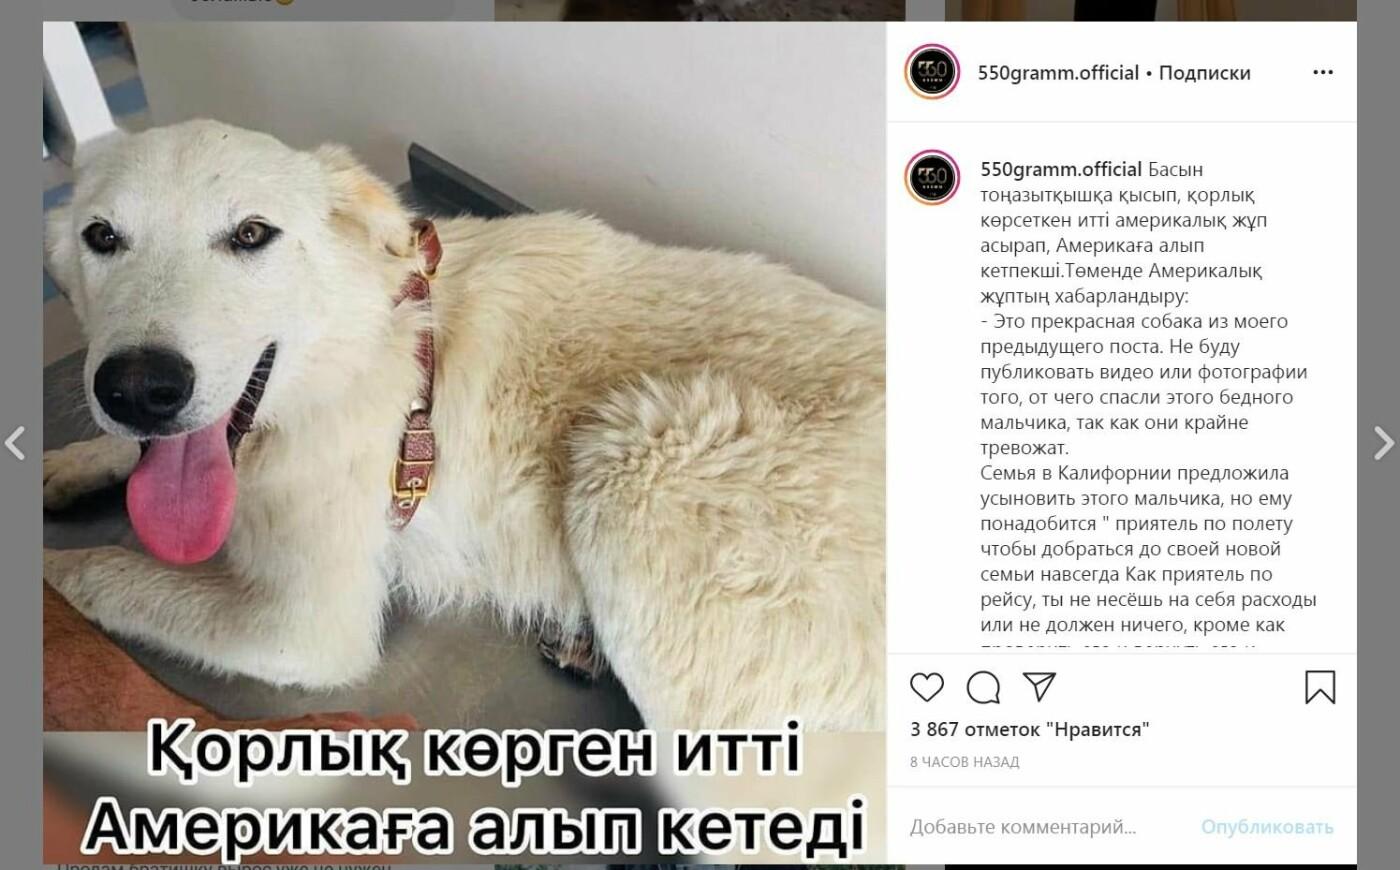 Жертву атырауского живодера - пса Lucky готова забрать семья из США, фото-1